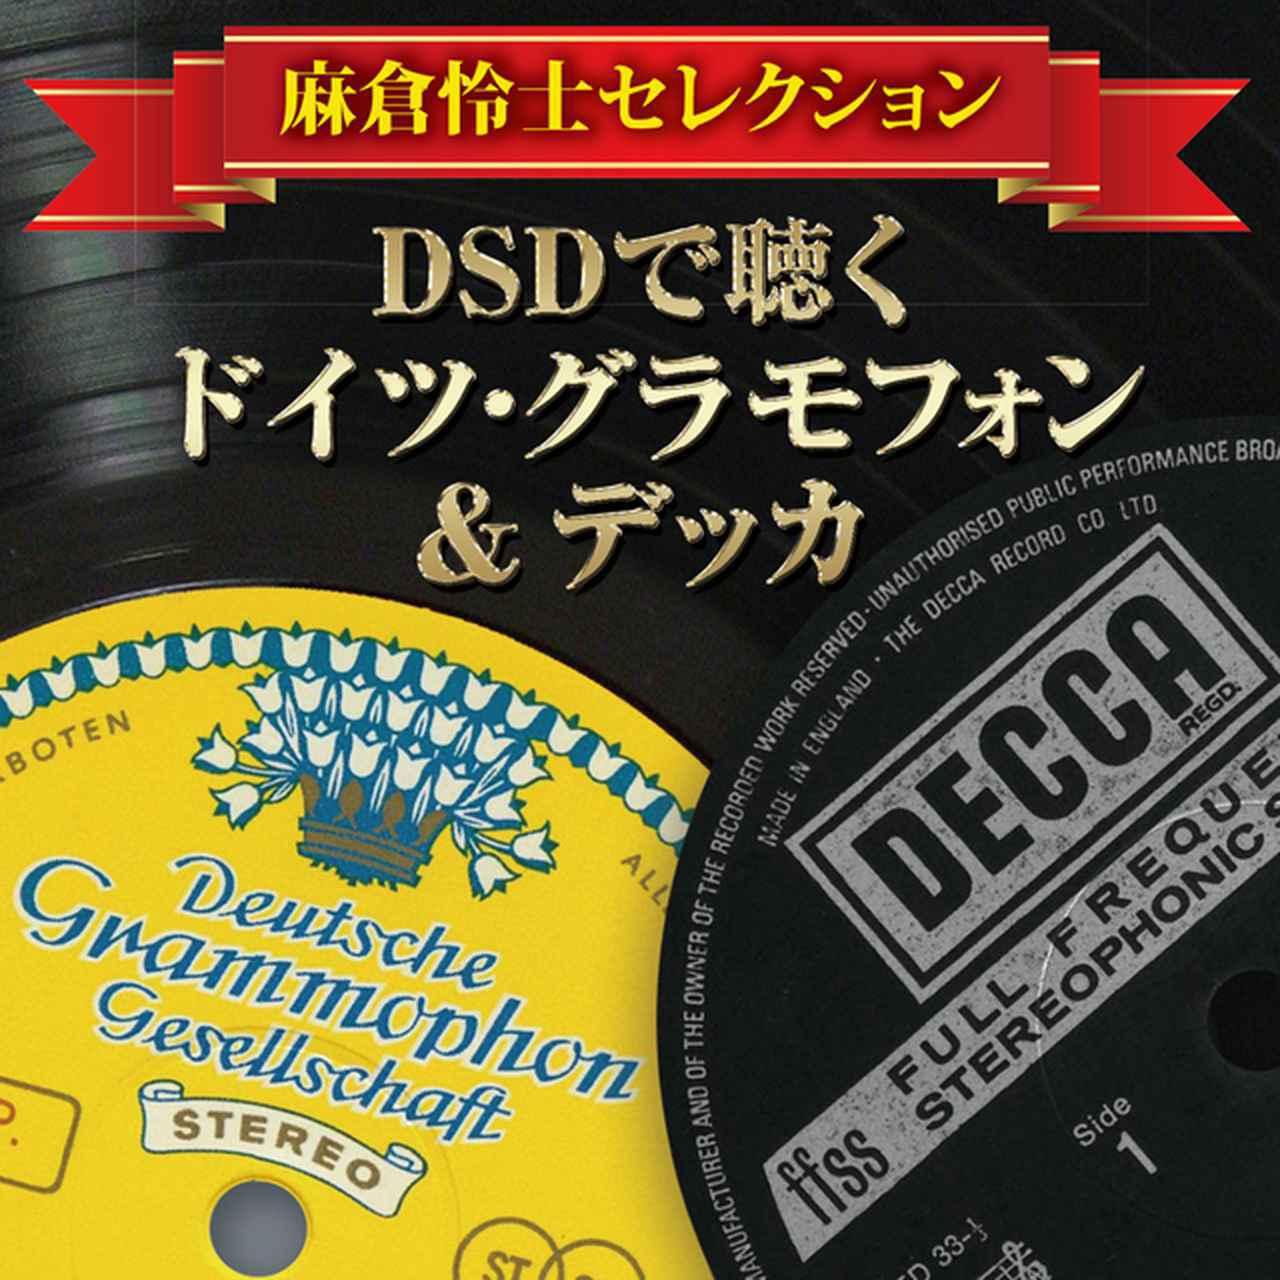 画像: DSDで聴くドイツ・グラモフォン&デッカ selected by 麻倉怜士/ヴァリアス・アーティスト